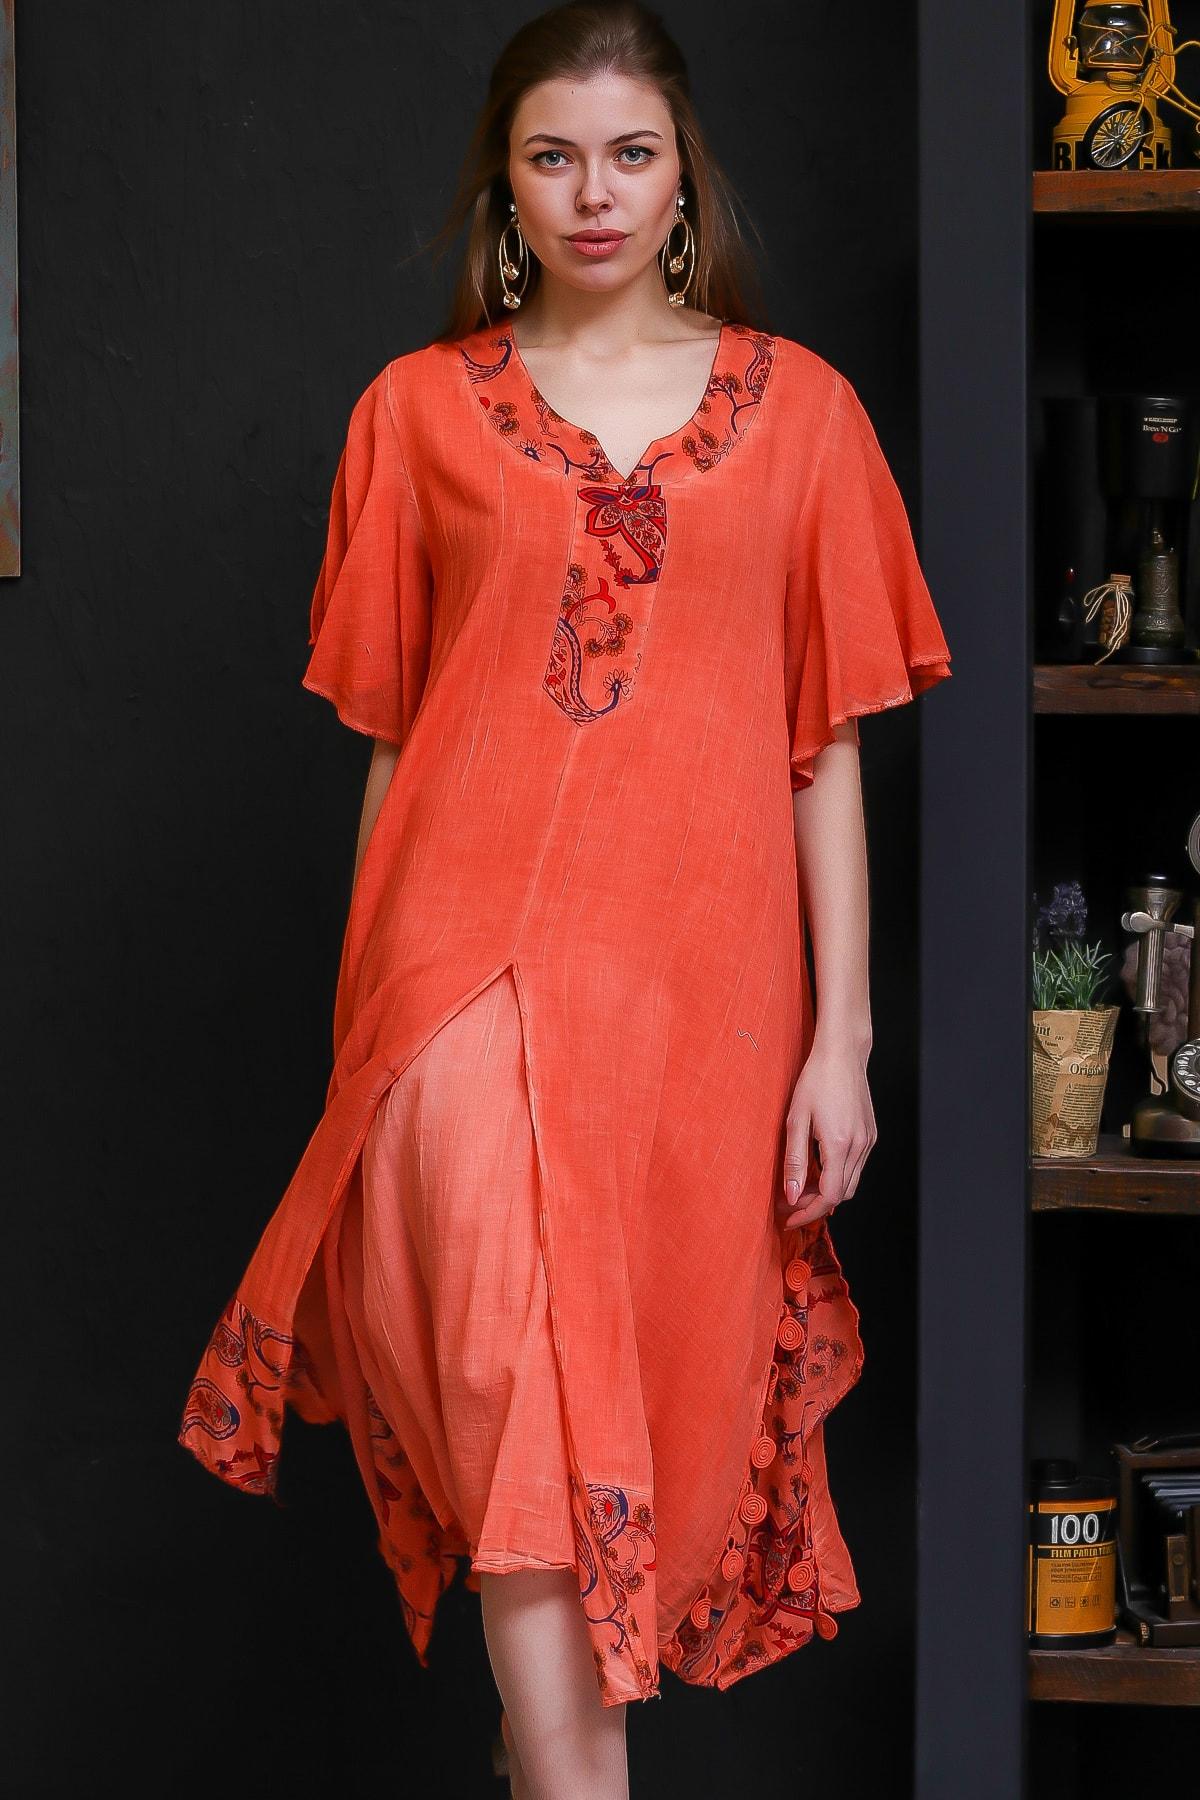 Chiccy Kadın Turuncu Şal Desenli Yaka Ve Etek Ucu Bloklu Yırtmaçlı Astarlı Yıkamalı Elbise M10160000EL96294